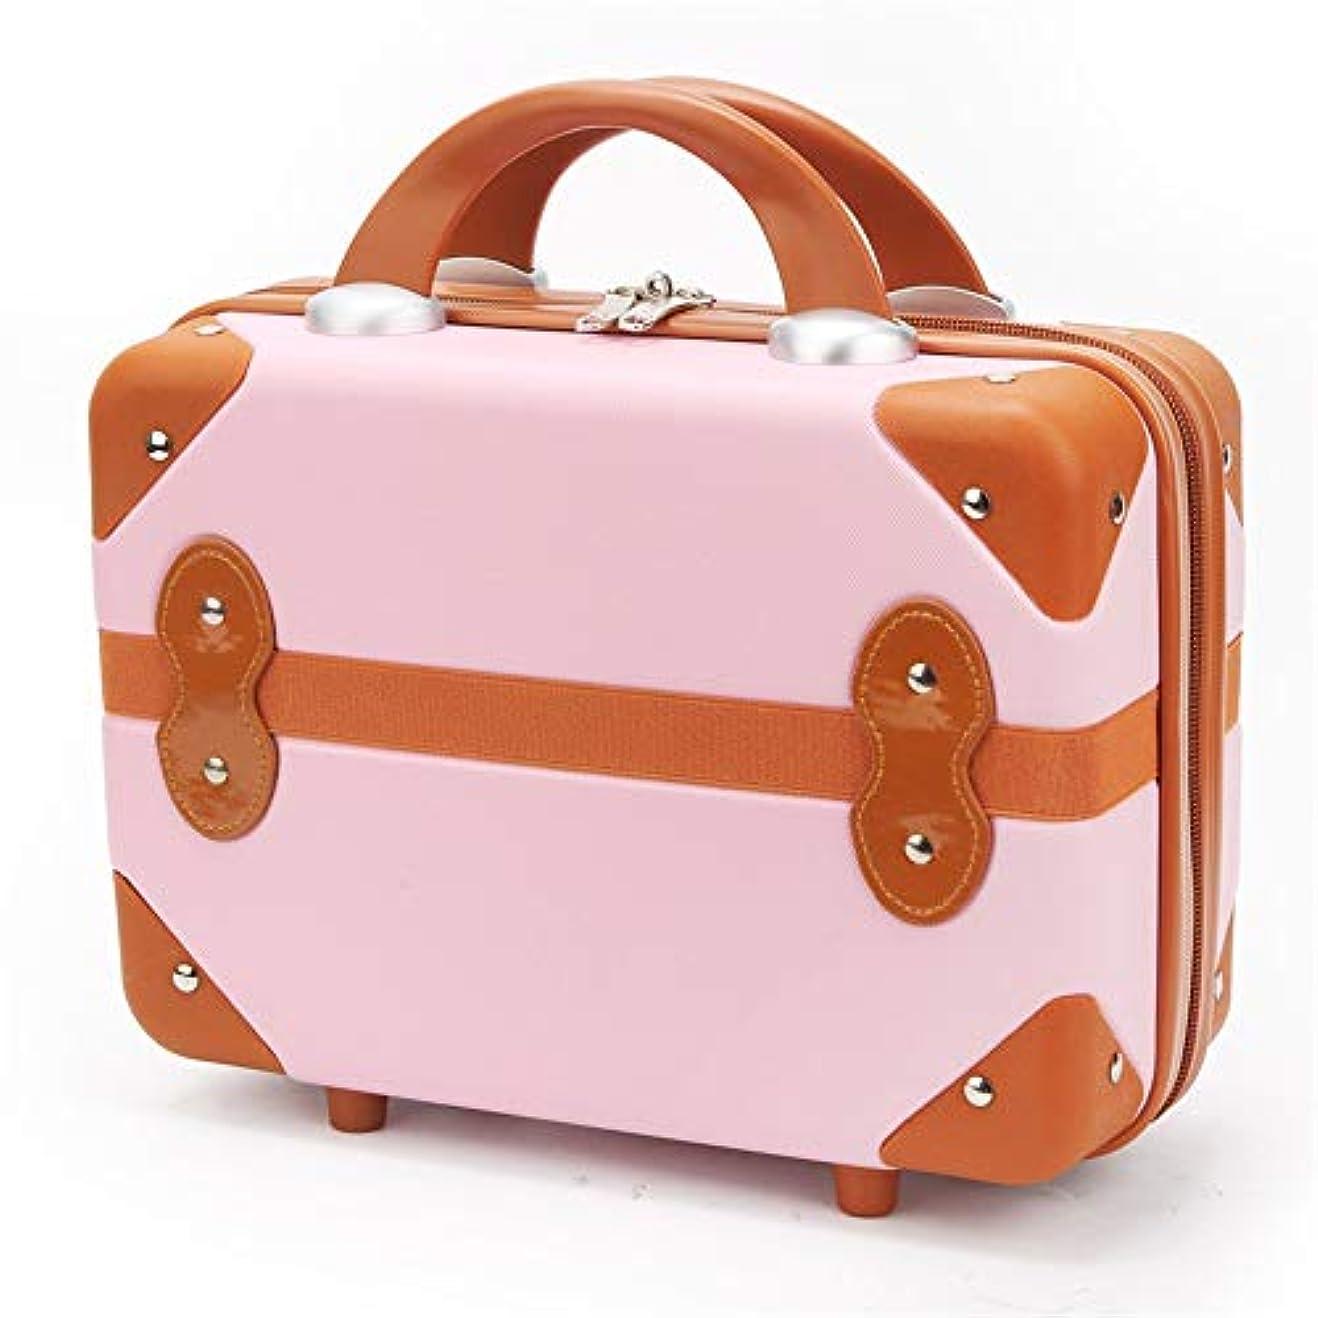 お勧め消す圧倒的特大スペース収納ビューティーボックス 14インチ化粧旅行バッグ防水化粧ケース用十代の女の子女性アーティスト多機能ポータブル旅行 化粧品化粧台